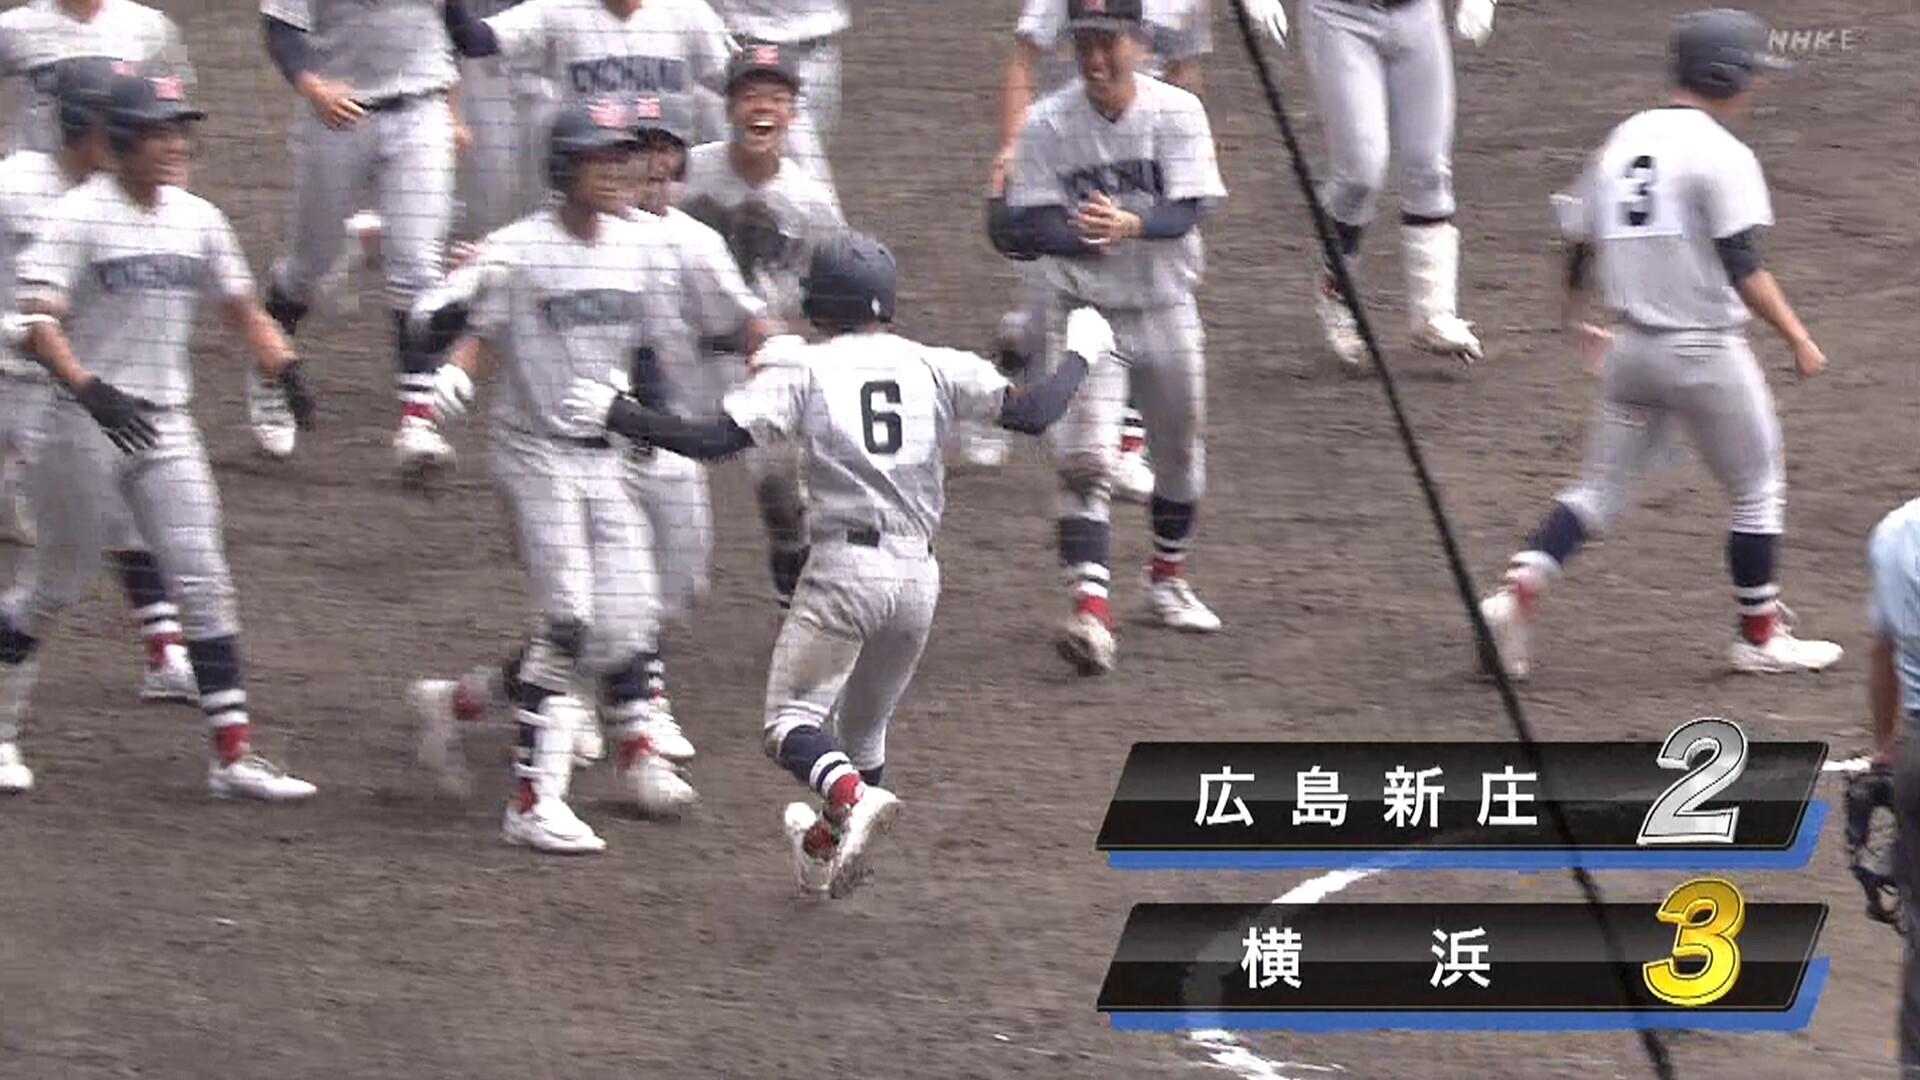 横浜高校・スーパー1年生緒方くん、9回2アウト逆転サヨナラスリーランホームランwwww